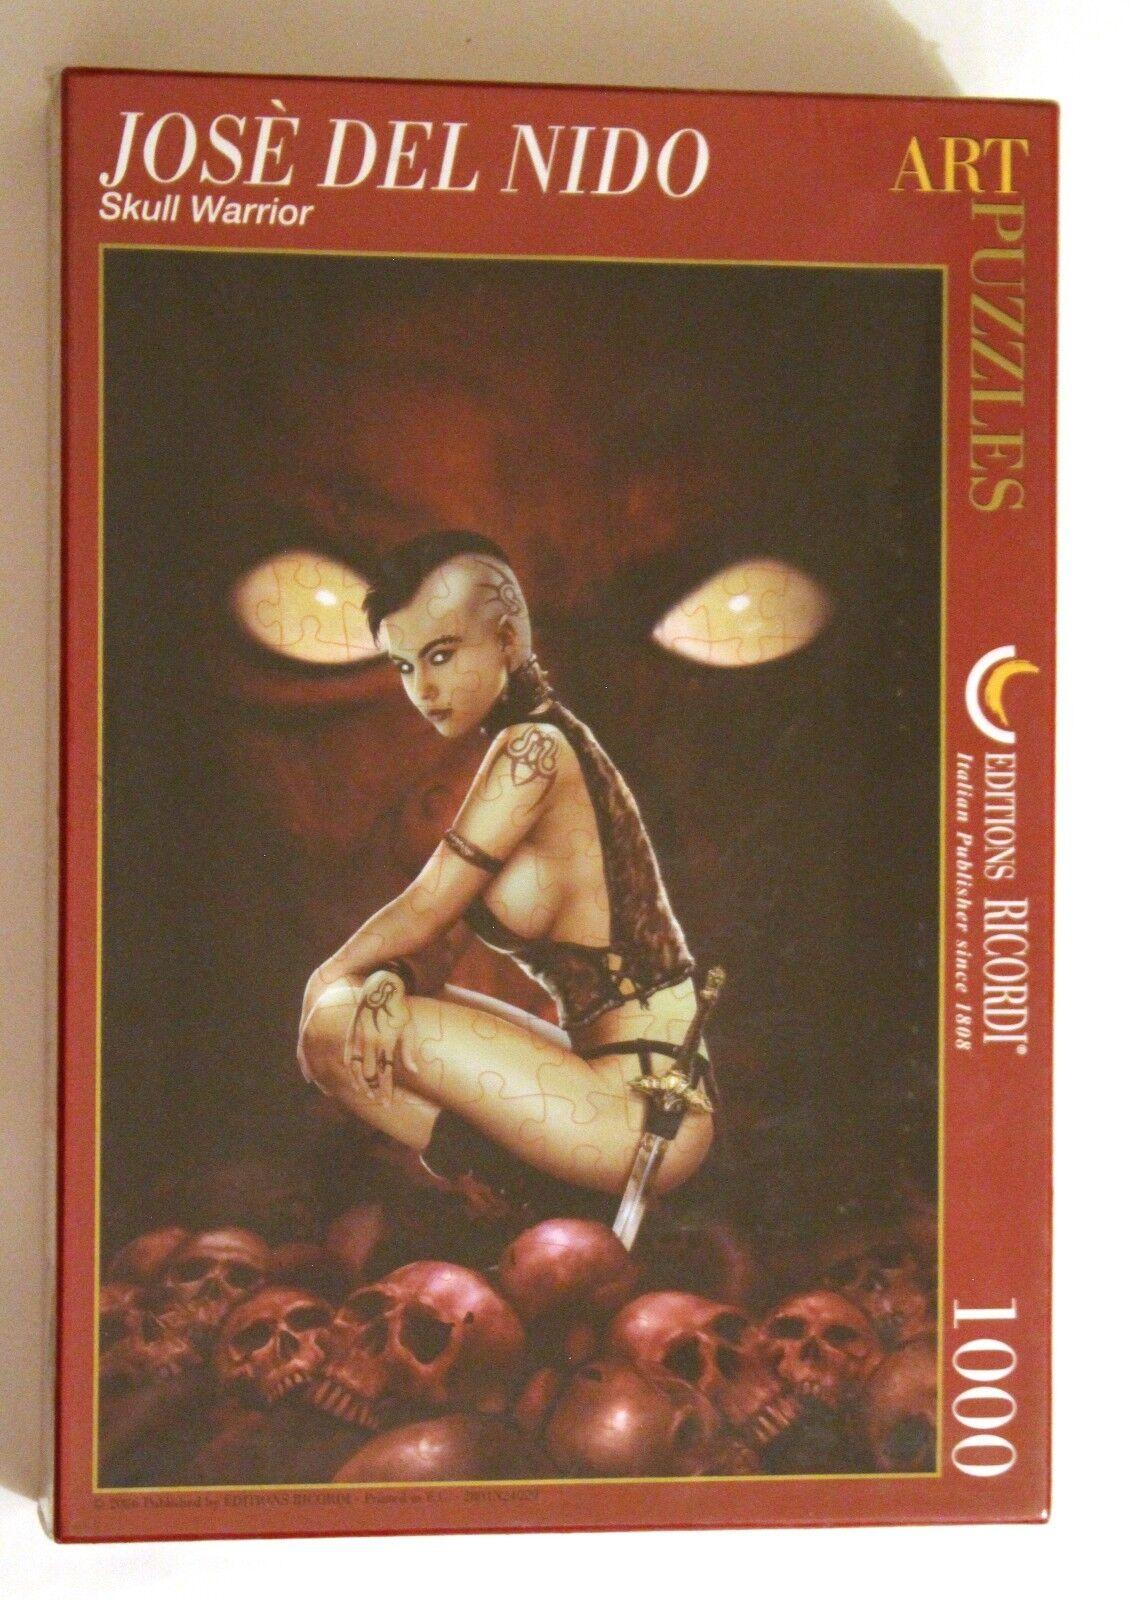 2010 ediziones Ricordi SKULL WARRIOR Puzzle JOSÉ DEL  NIDO 1000 pcs SEALED & rare  seleziona tra le nuove marche come